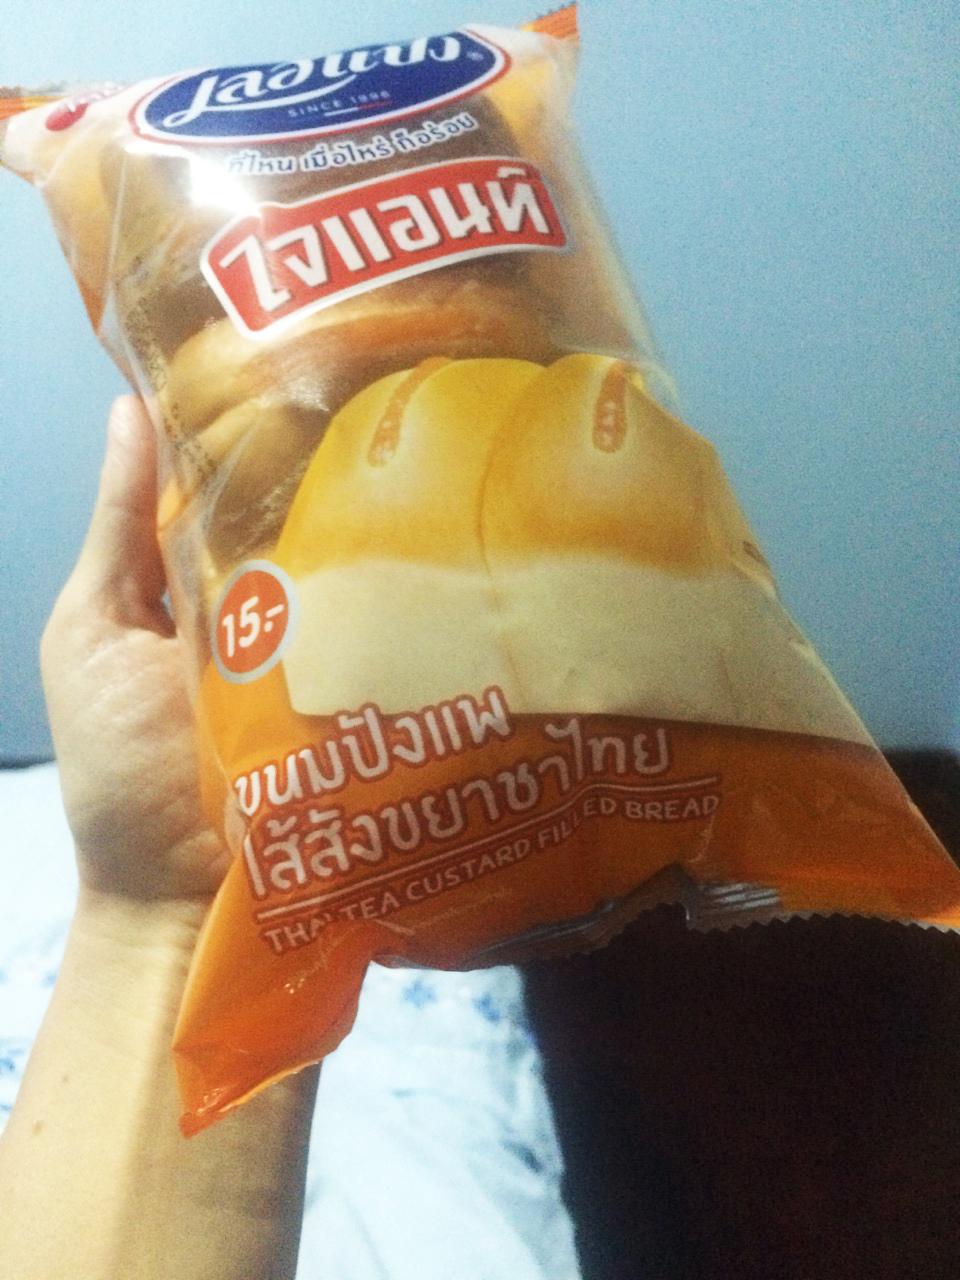 Подборка забавных азиатских продуктов: булка с начинкой со вкусом тайского чая